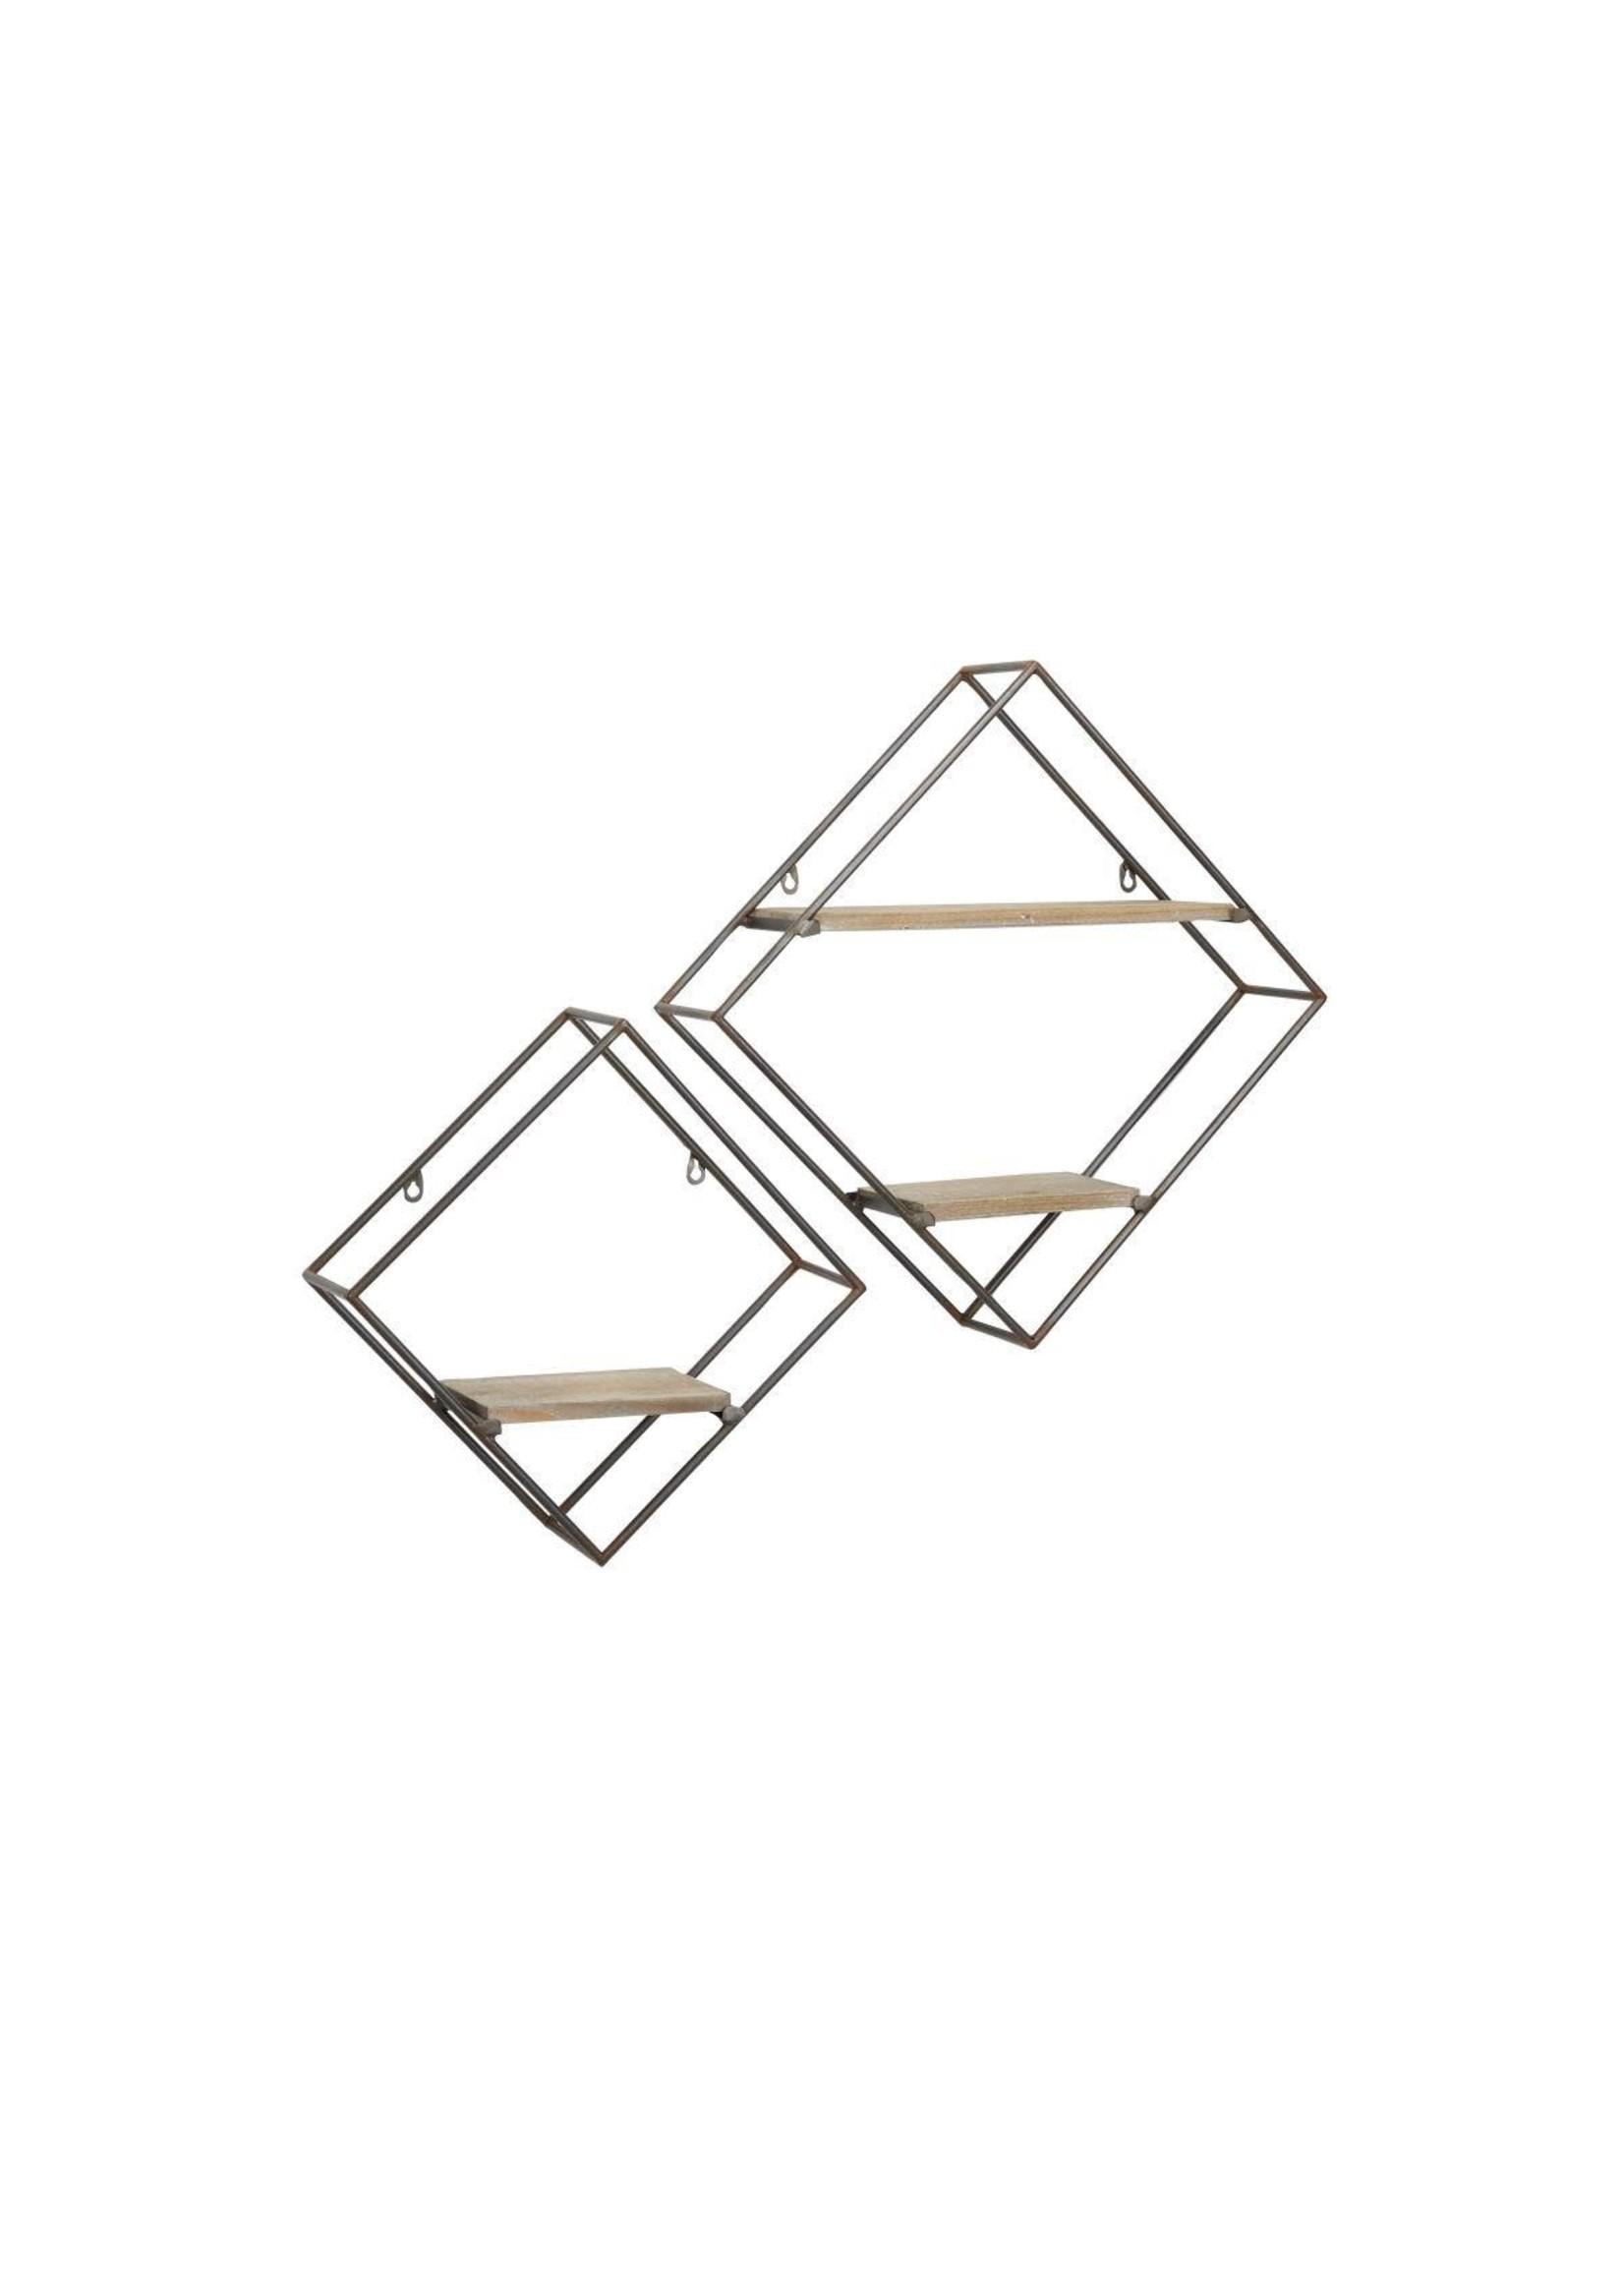 UMA Enterprises UMA Metal Wood Wall Shelf S/2